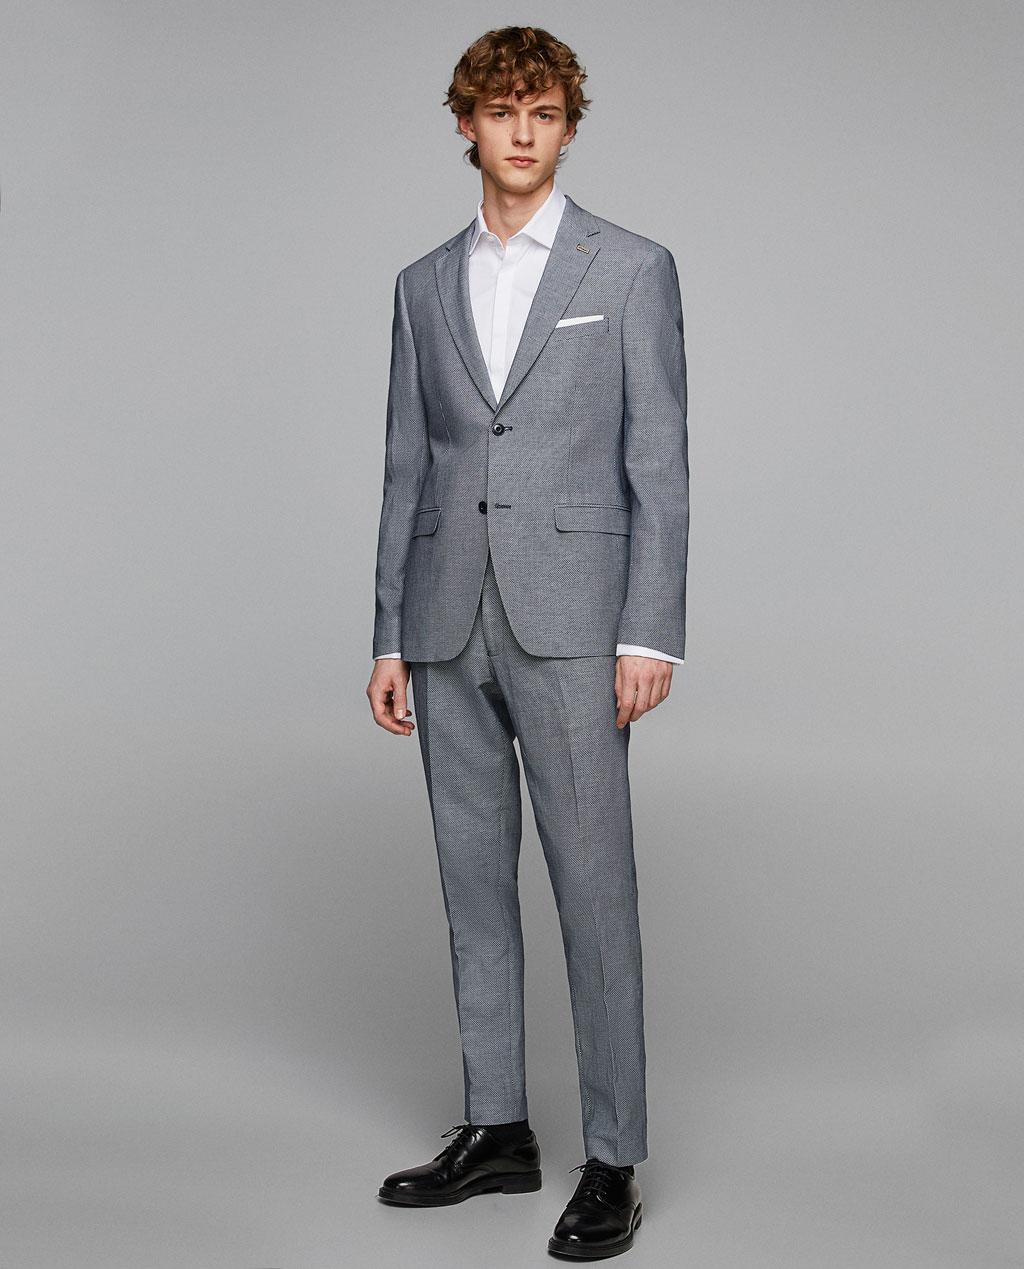 Thời trang nam Zara  23952 - ảnh 3